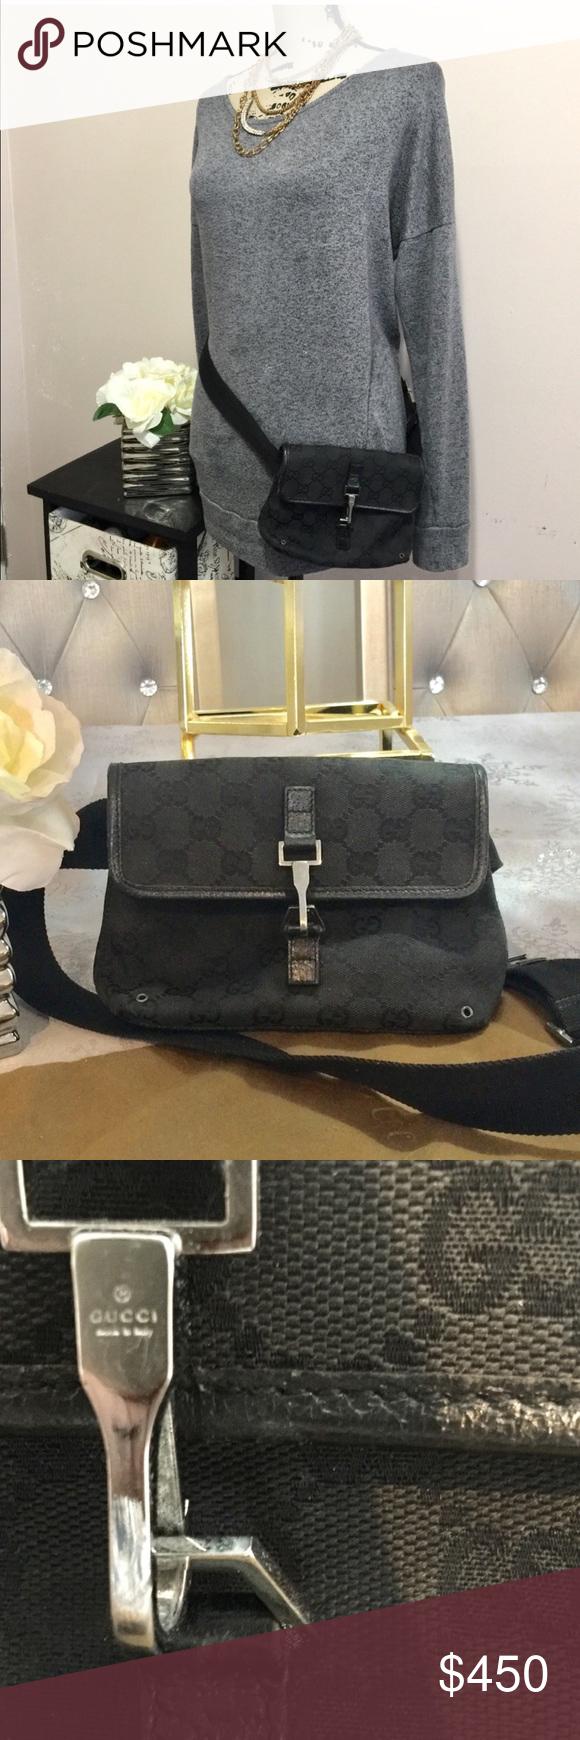 4e7fde89a19 Authentic Gucci fanny pack waist bag Authentic Gucci black canvas monogram  GG fanny pack belt bag